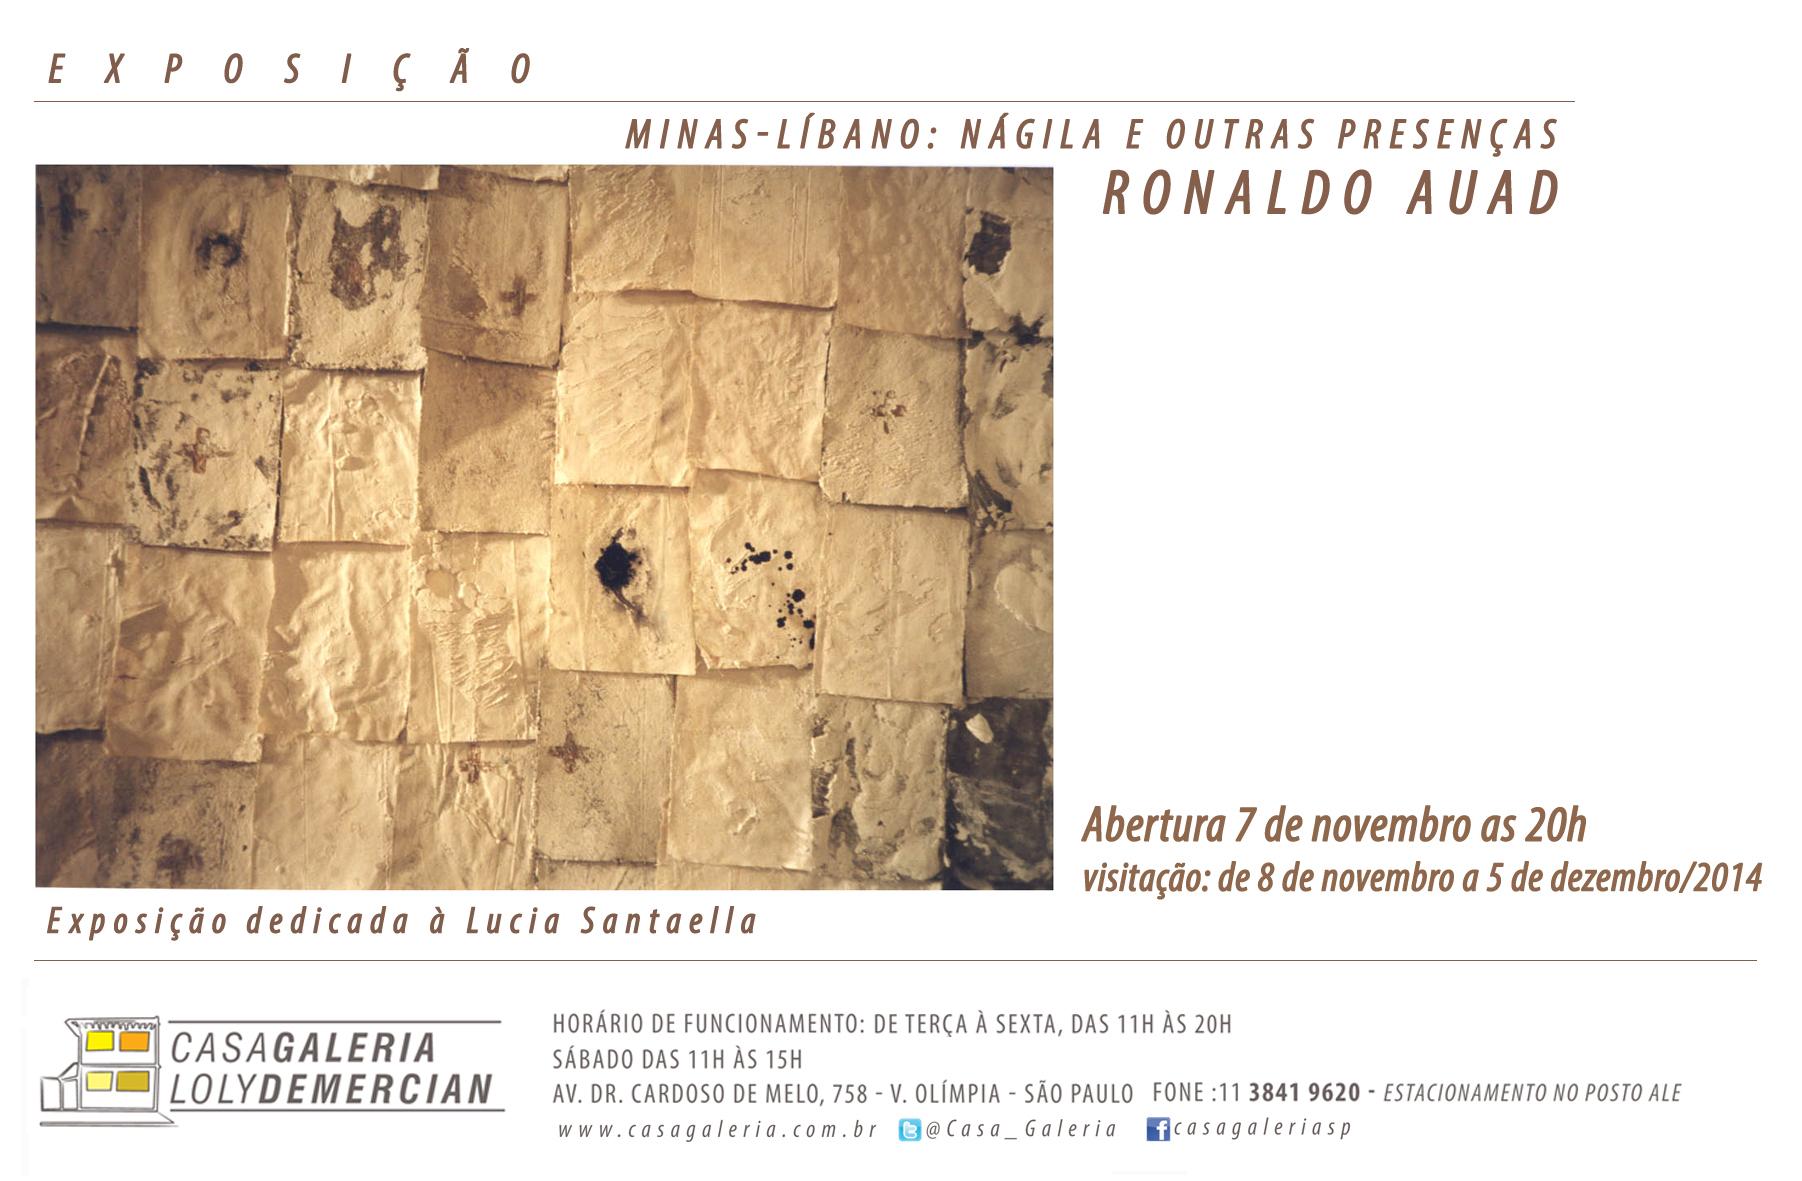 convite RONALDO AUAD (1)